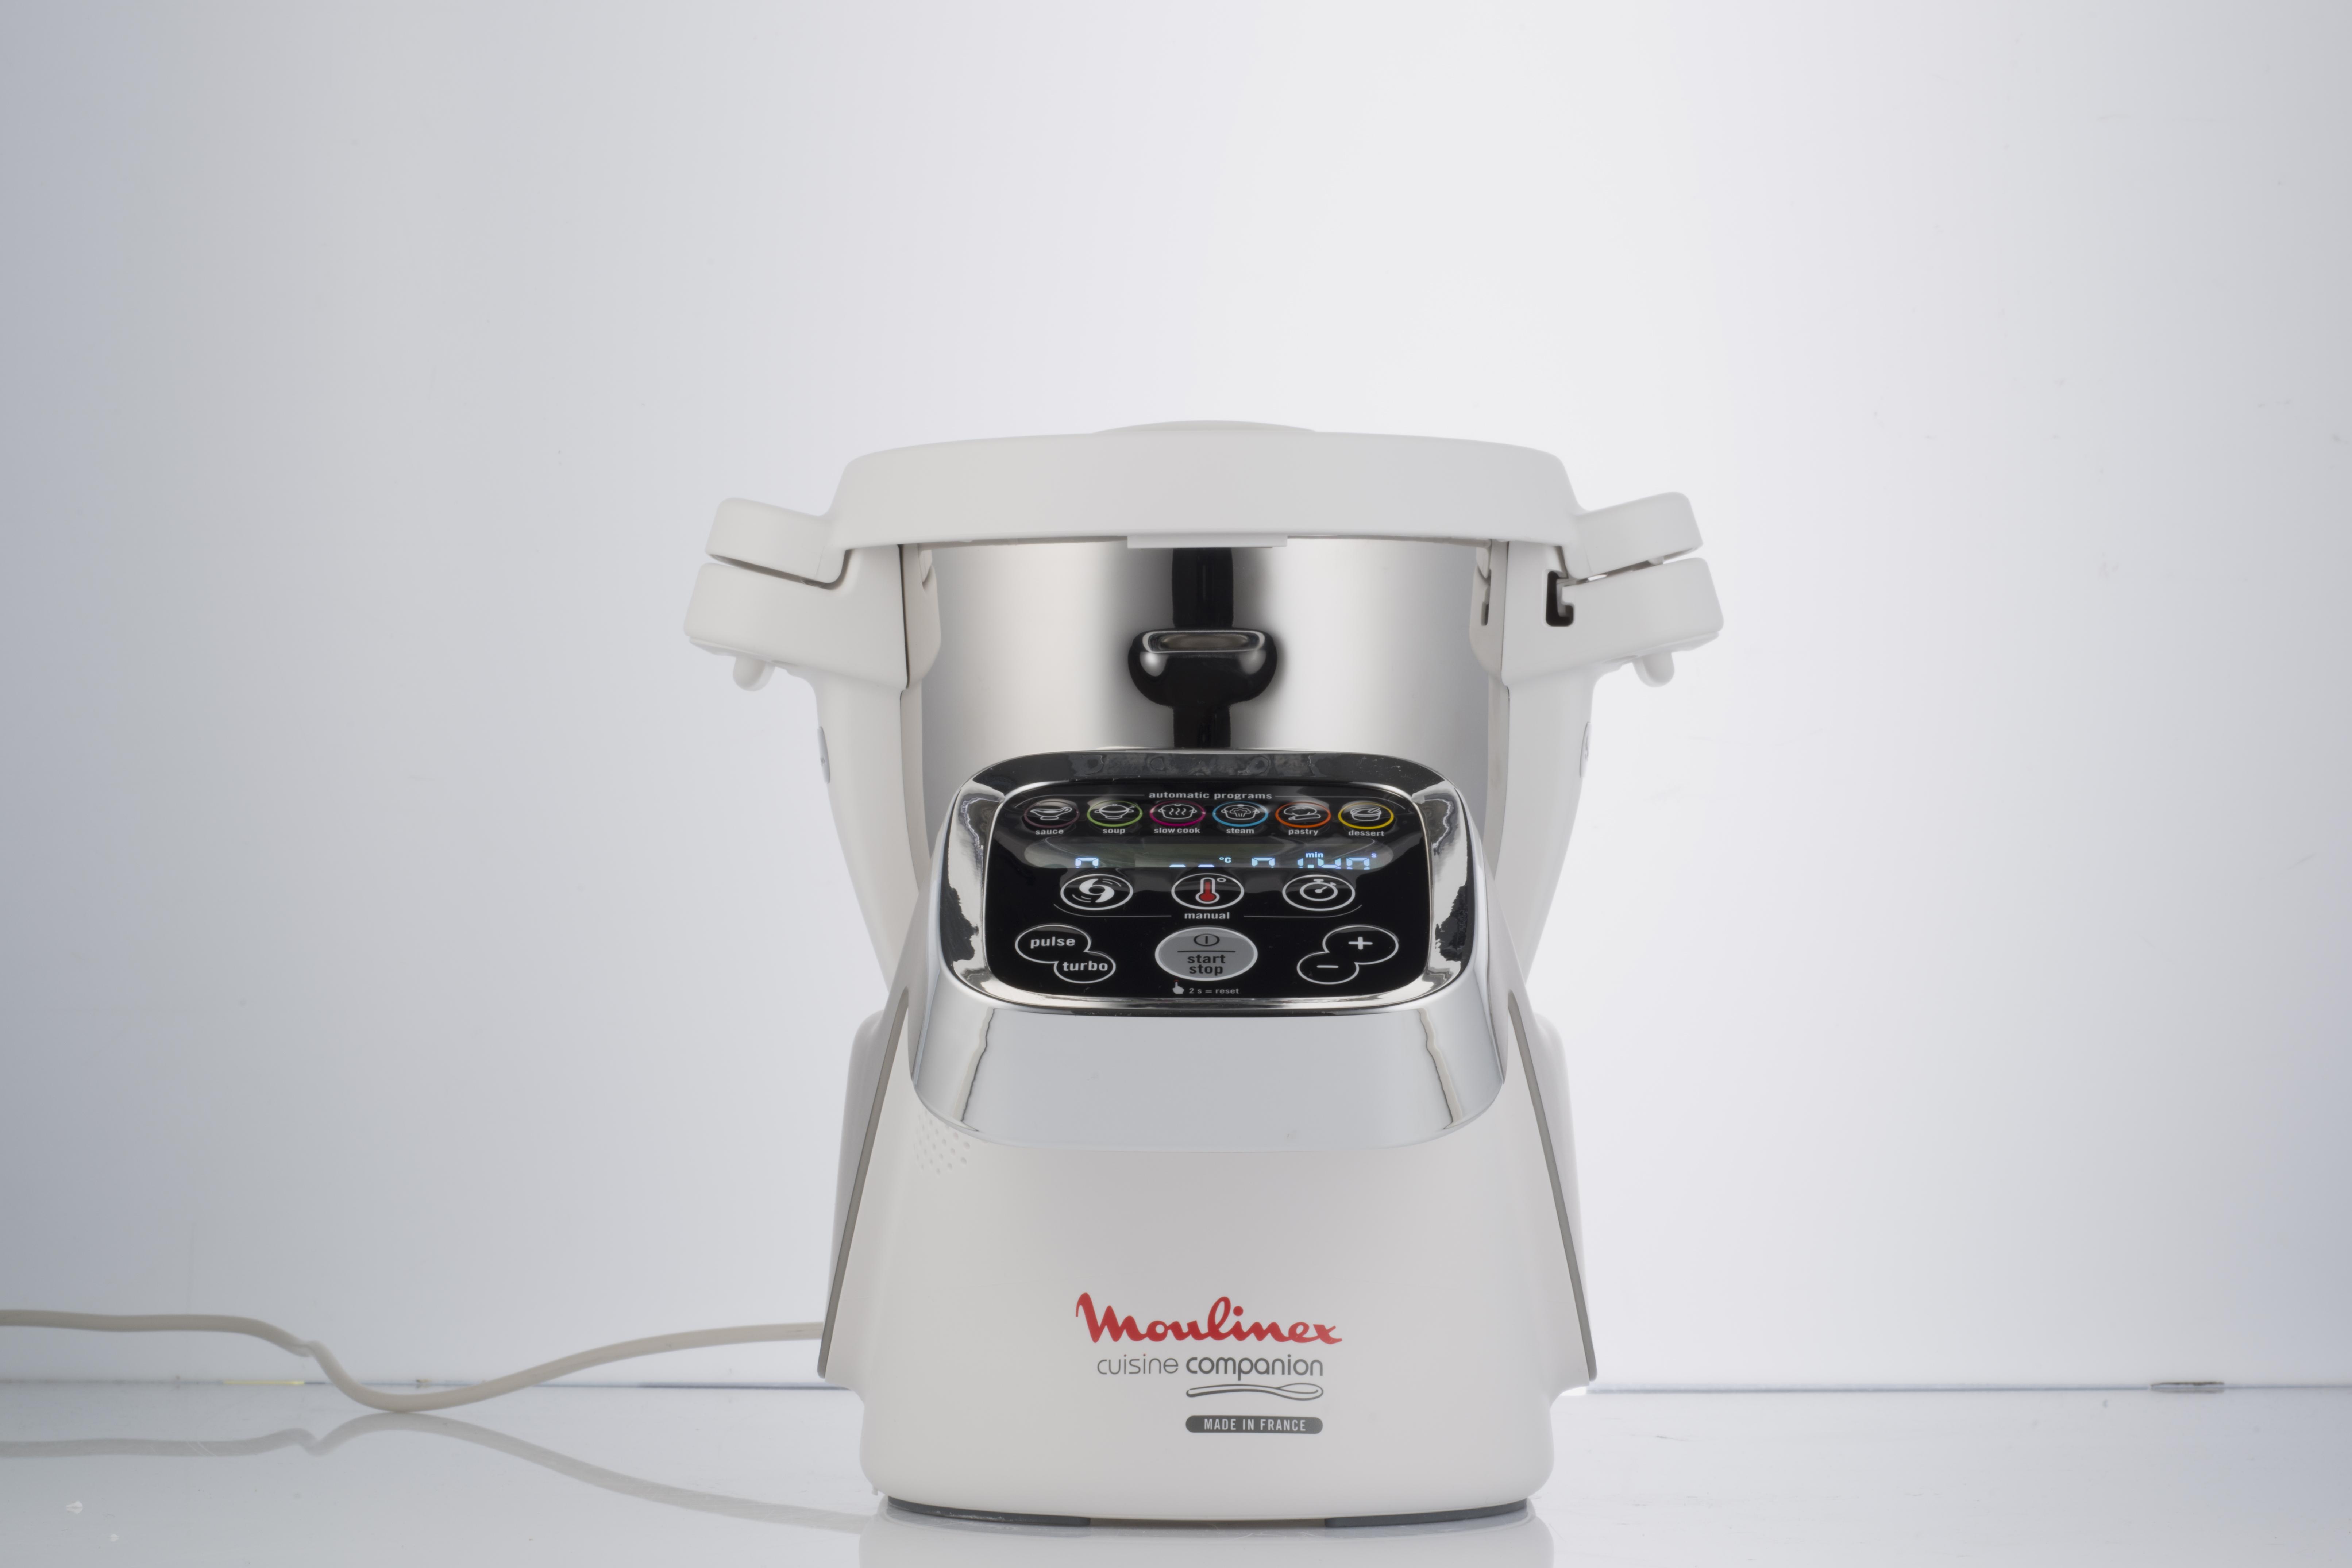 robot da cucina moulinex nuovo modello a confronto col vecchio e con il bimby. Black Bedroom Furniture Sets. Home Design Ideas